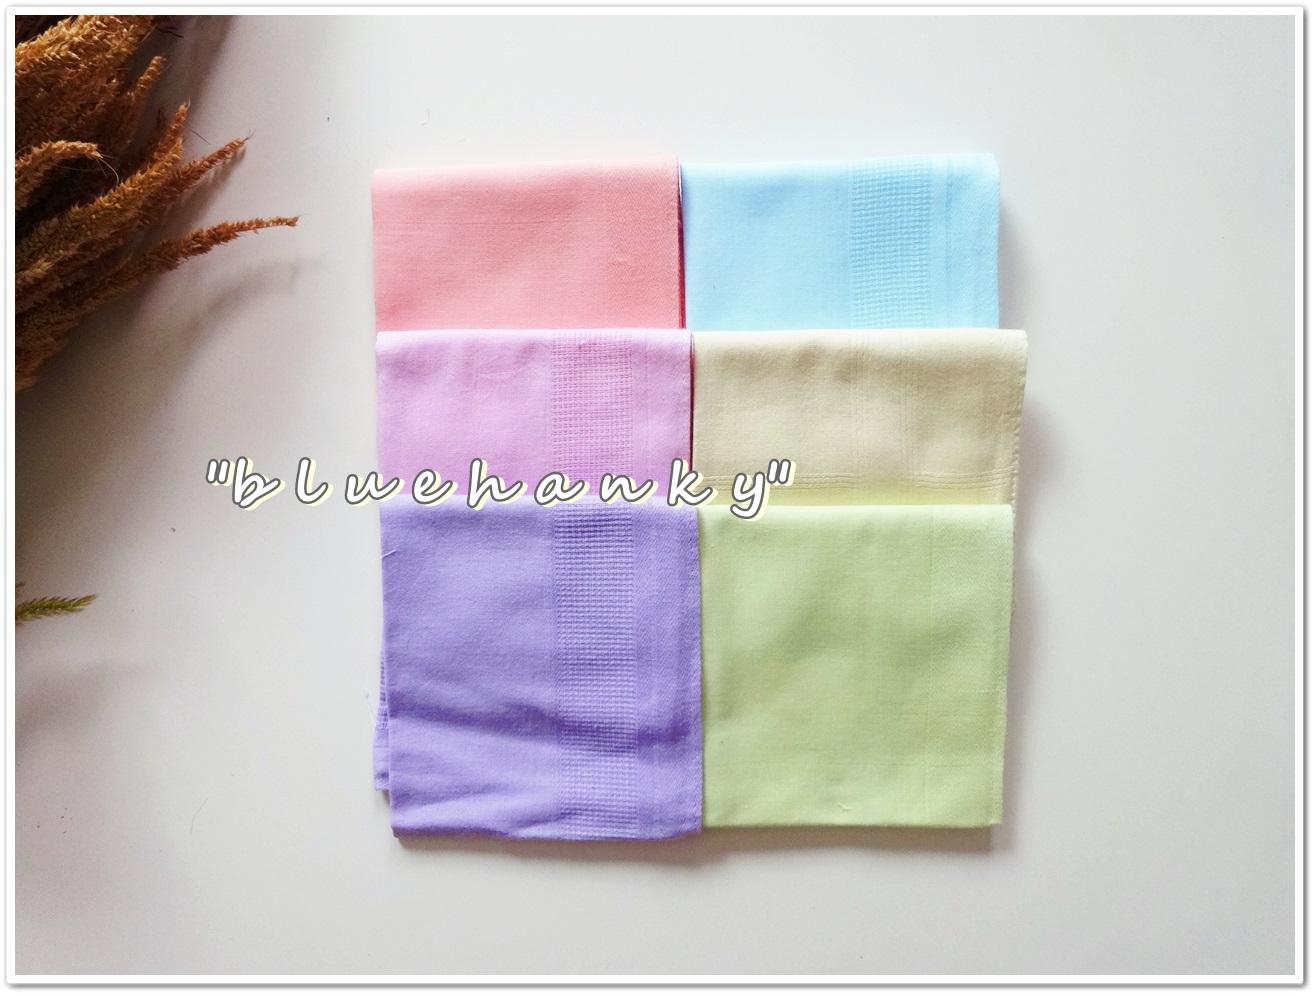 ผ้าเช็ดหน้าสีพื้นโทนสีพาสเทล 6 ผืน